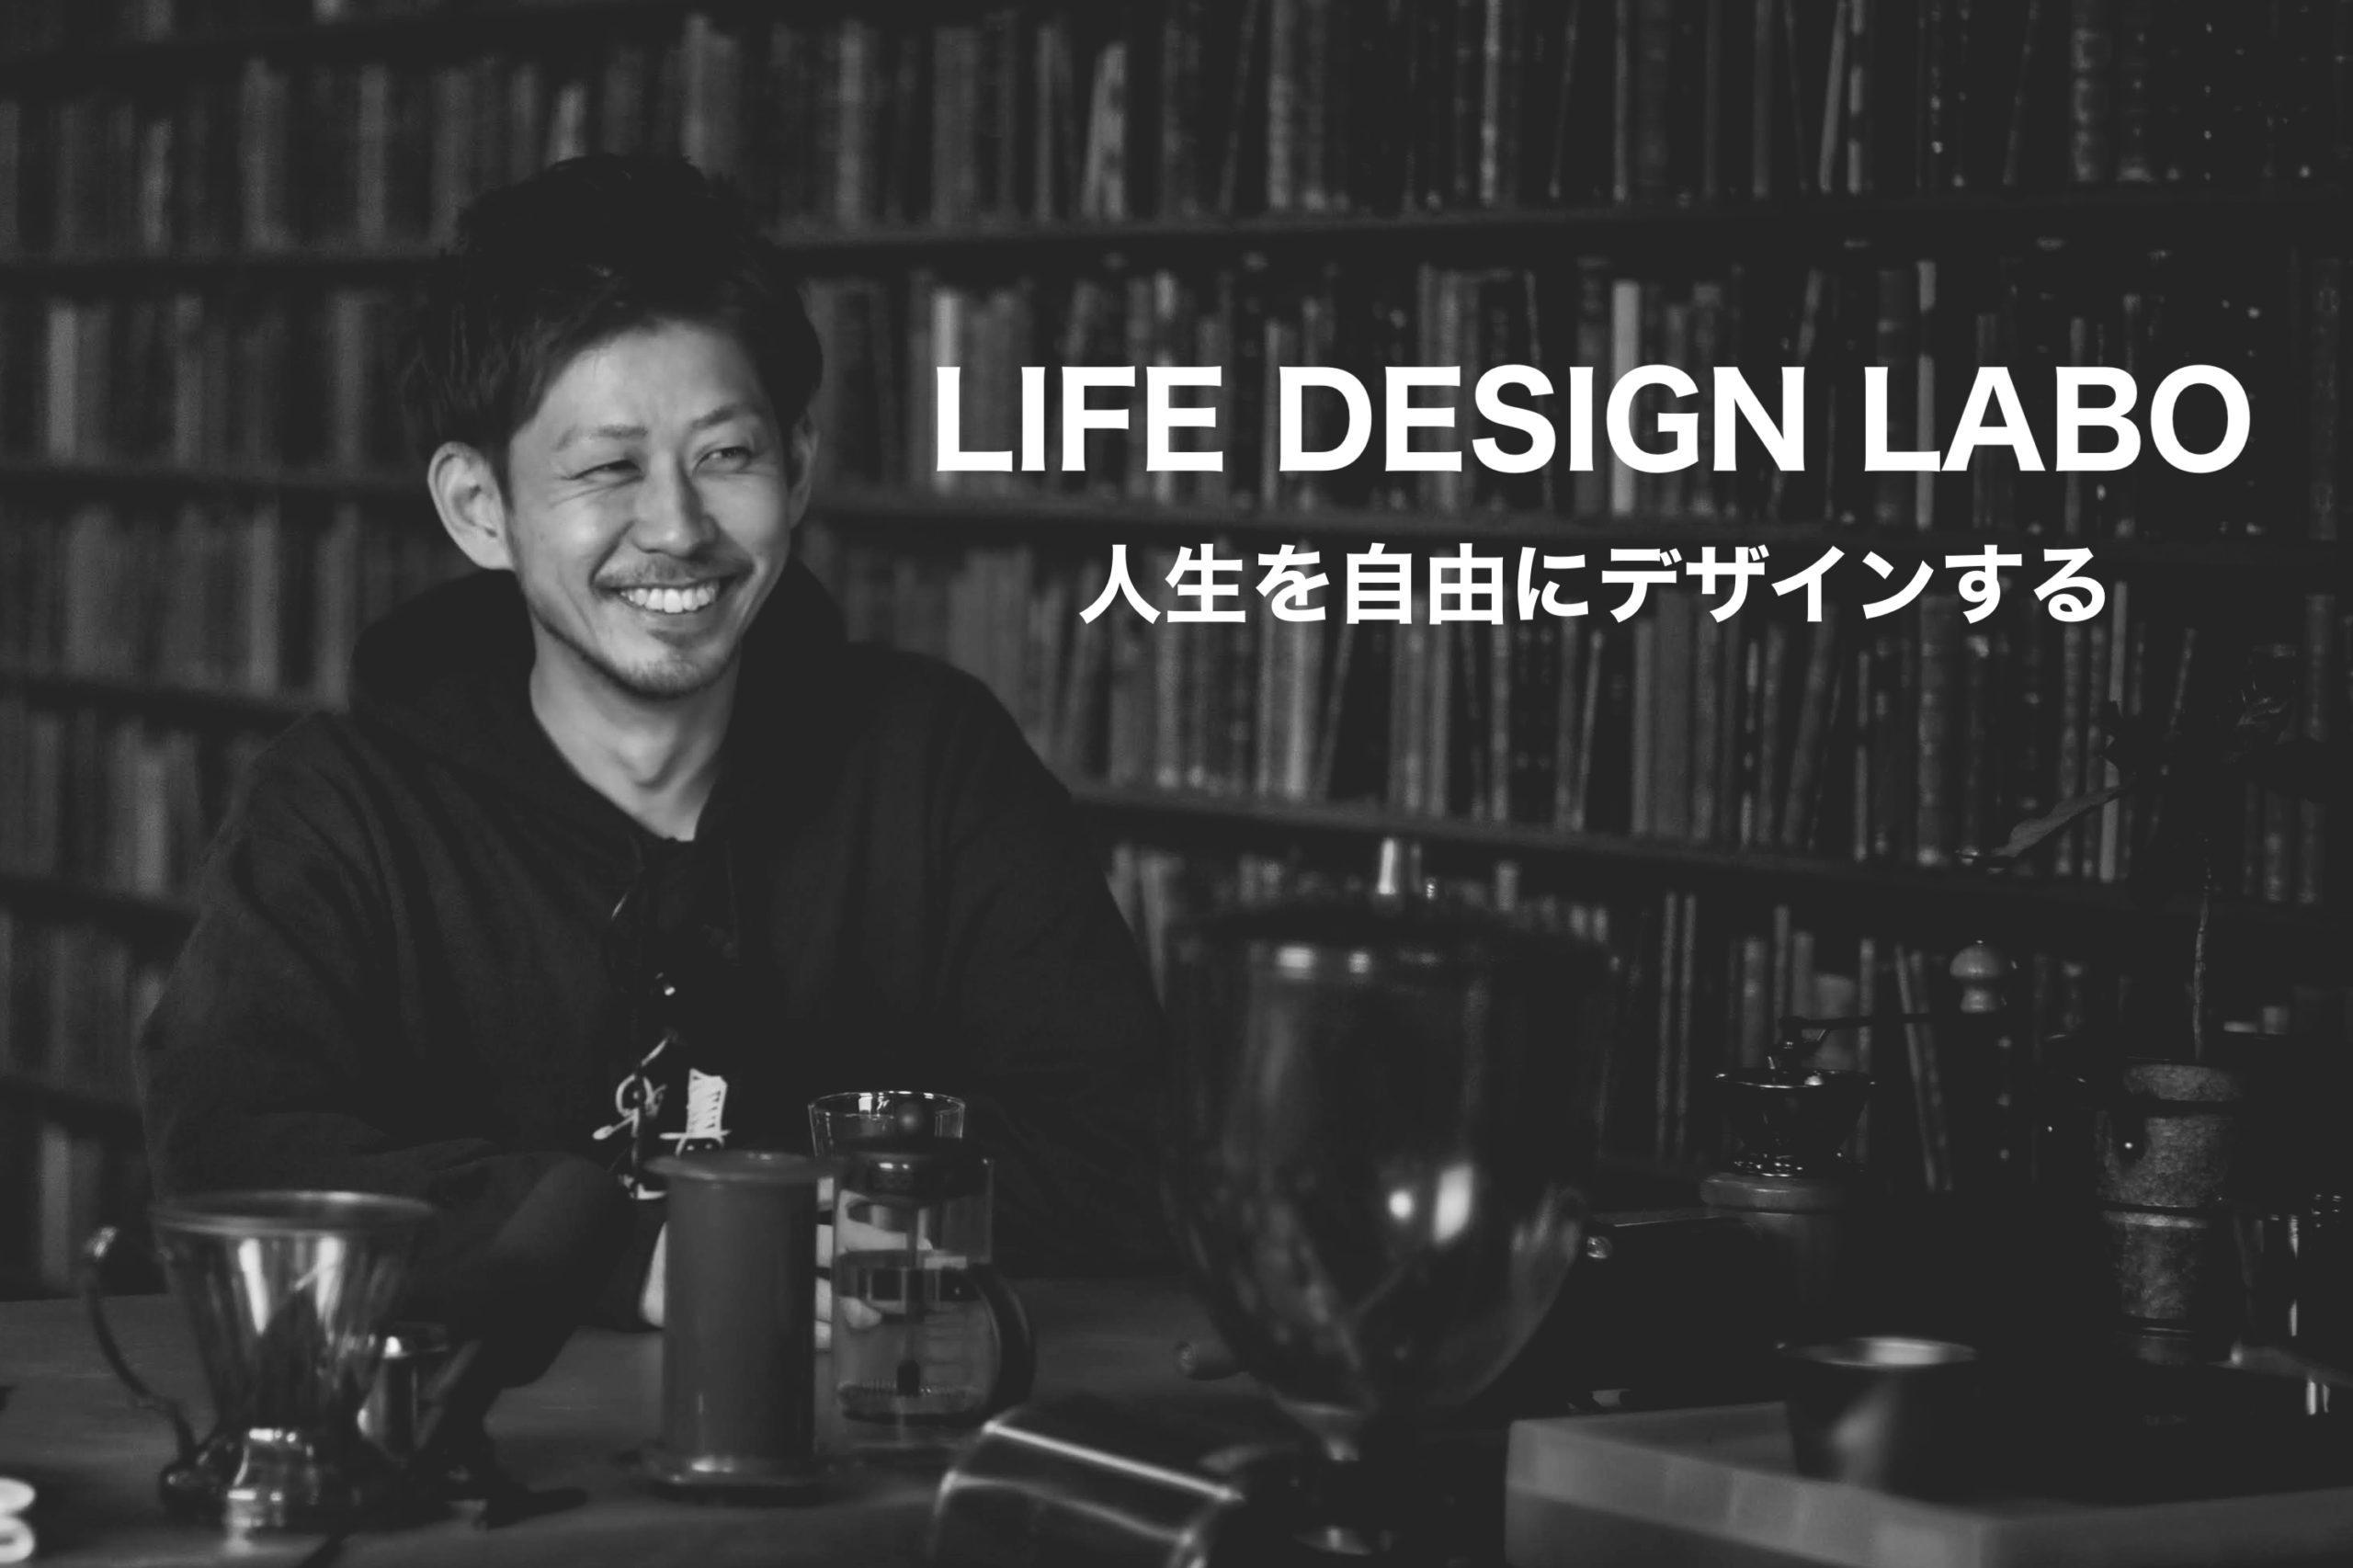 山口修平 ライフデザインラボ